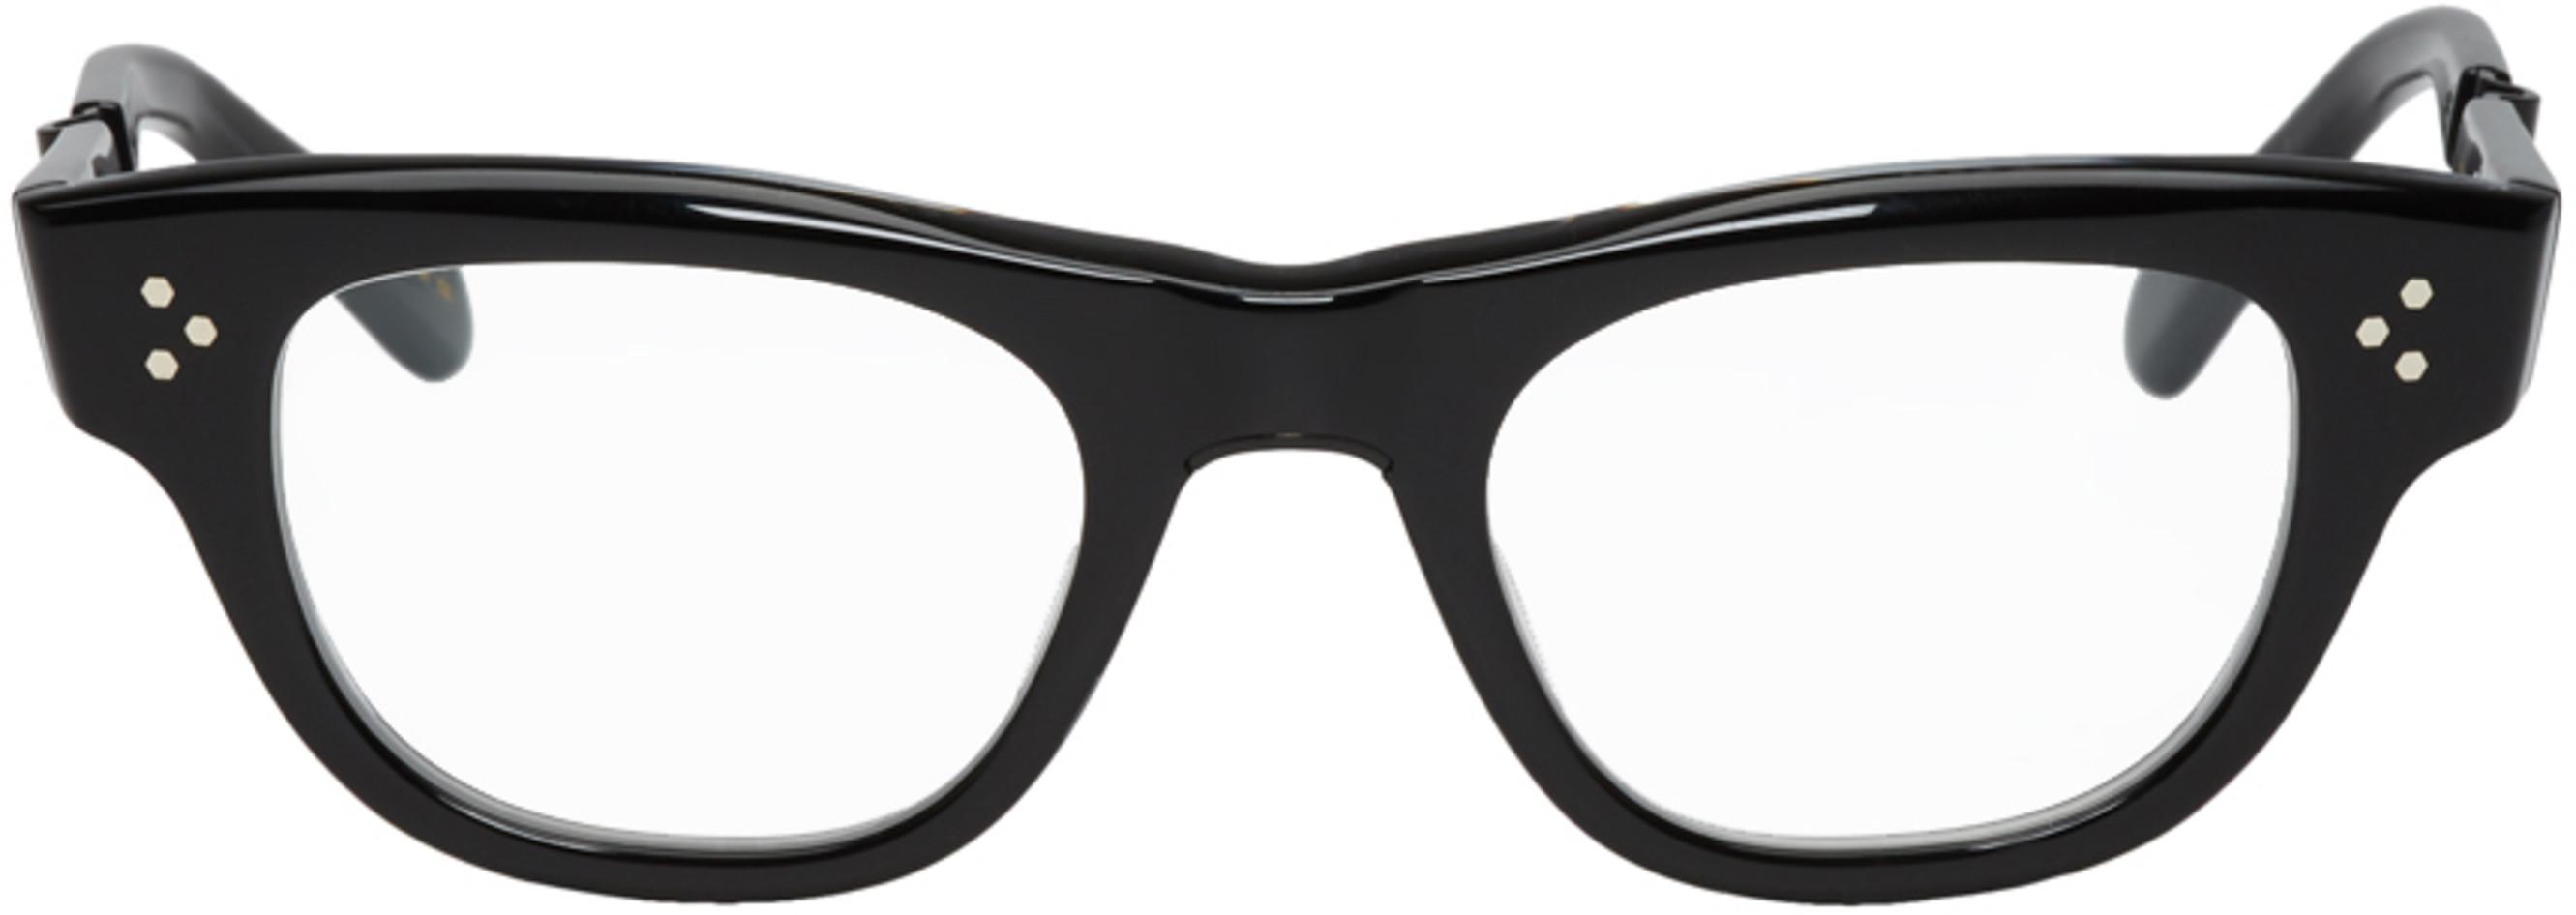 494bfe2aab Designer glasses for Men